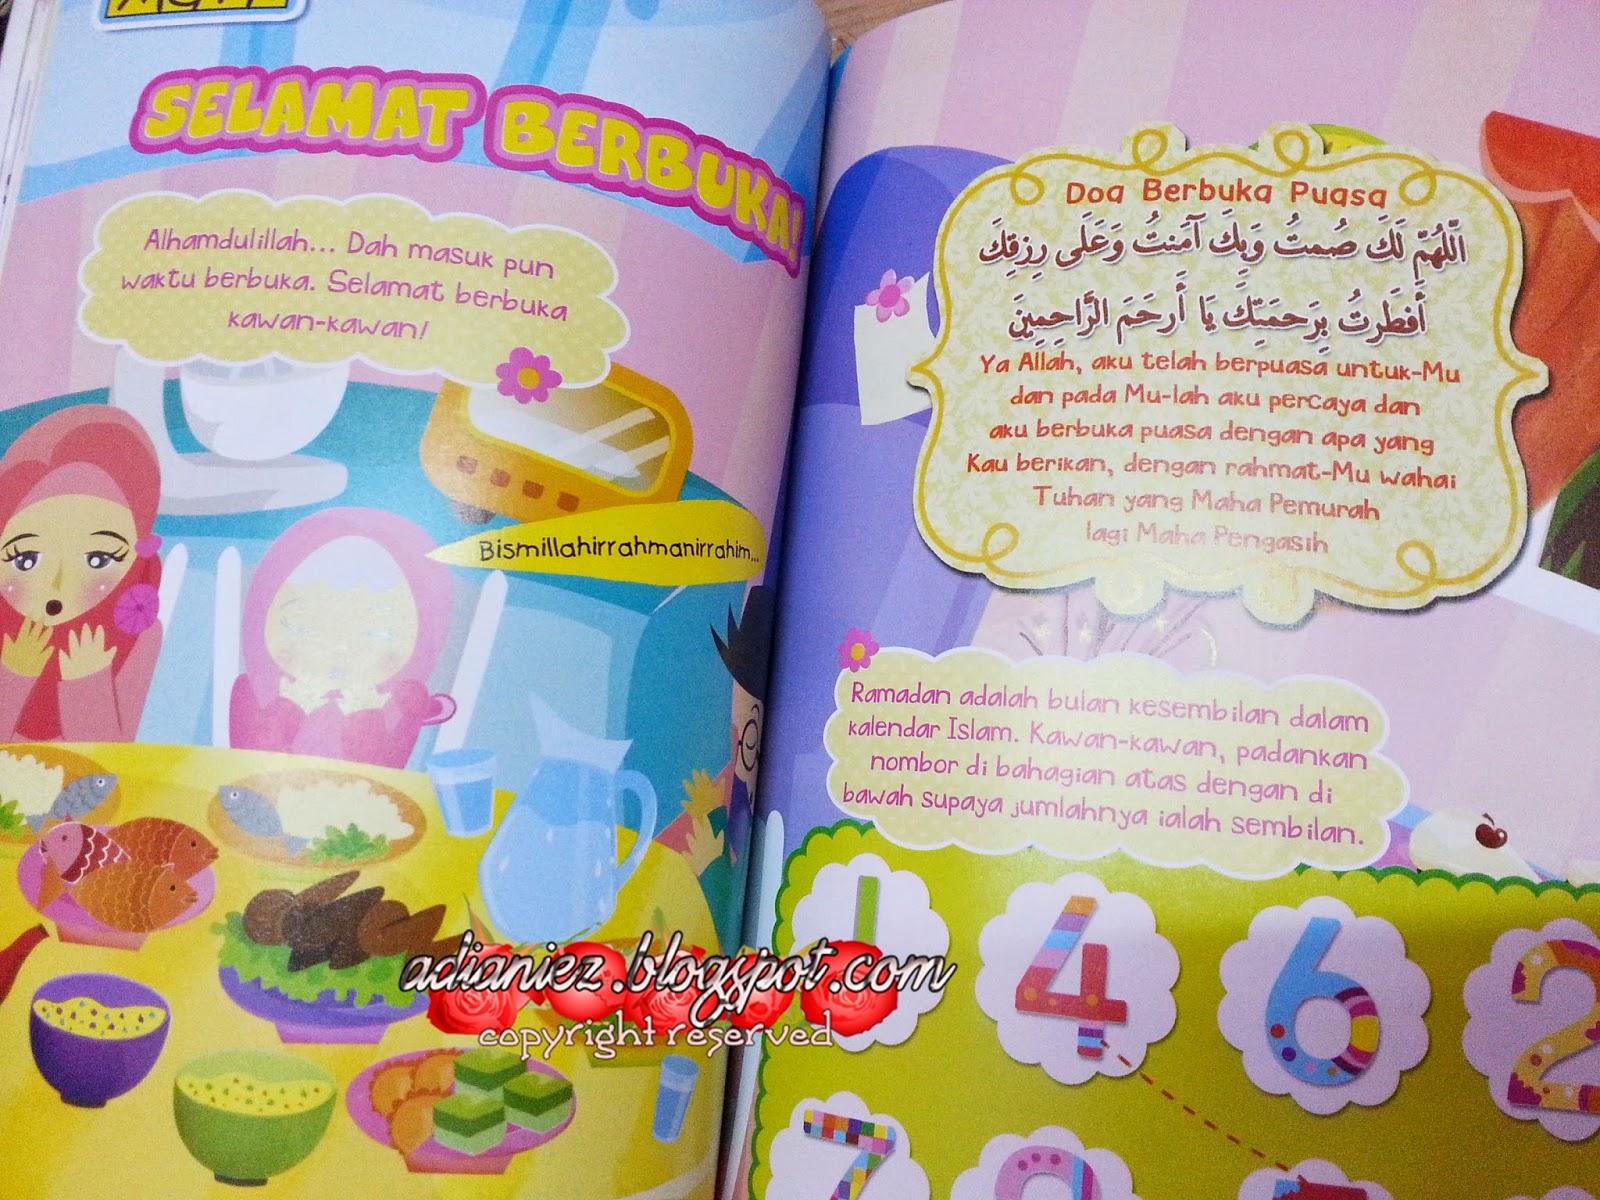 Kompilasi Komik Untuk Bacaan Kanak-Kanak | Adik Muslim, Ana Muslim &  Sayang Muslim